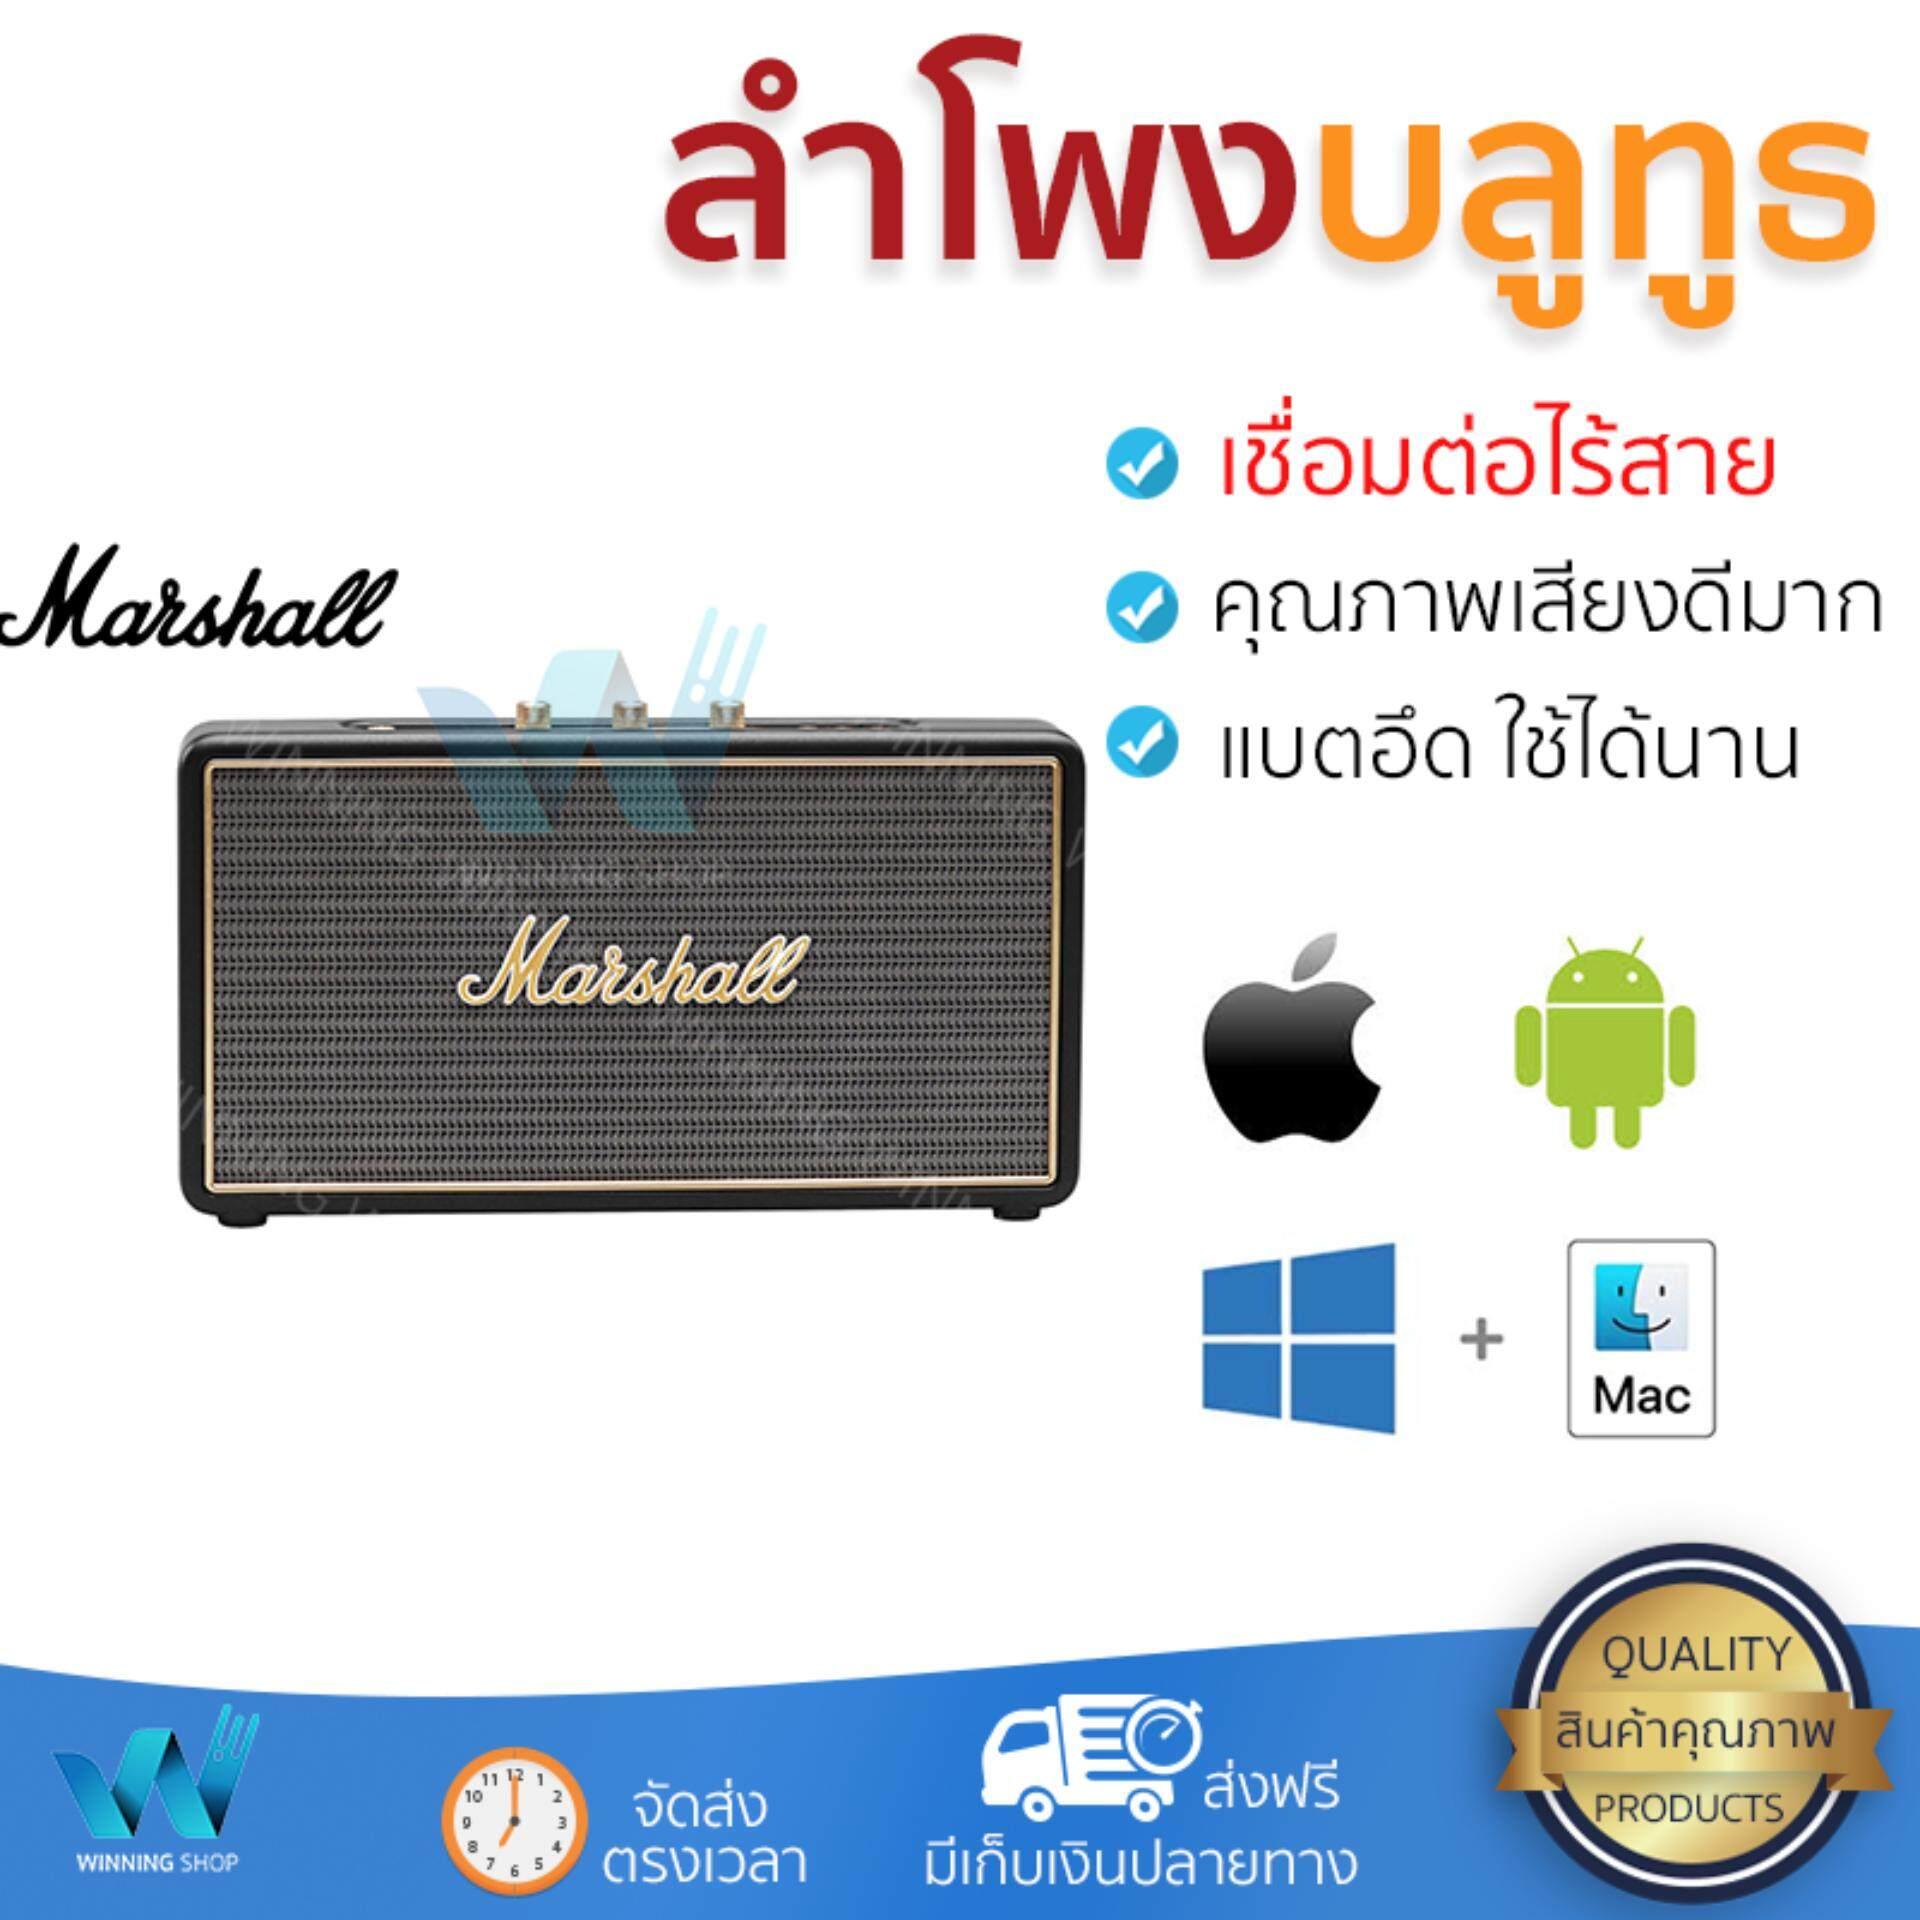 ยี่ห้อนี้ดีไหม  สมุทรปราการ จัดส่งฟรี ลำโพงบลูทูธ  Marshall Bluetooth Speaker 2.1 Stockwell Black (no Case) เสียงใส คุณภาพเกินตัว Wireless Bluetooth Speaker รับประกัน 1 ปี